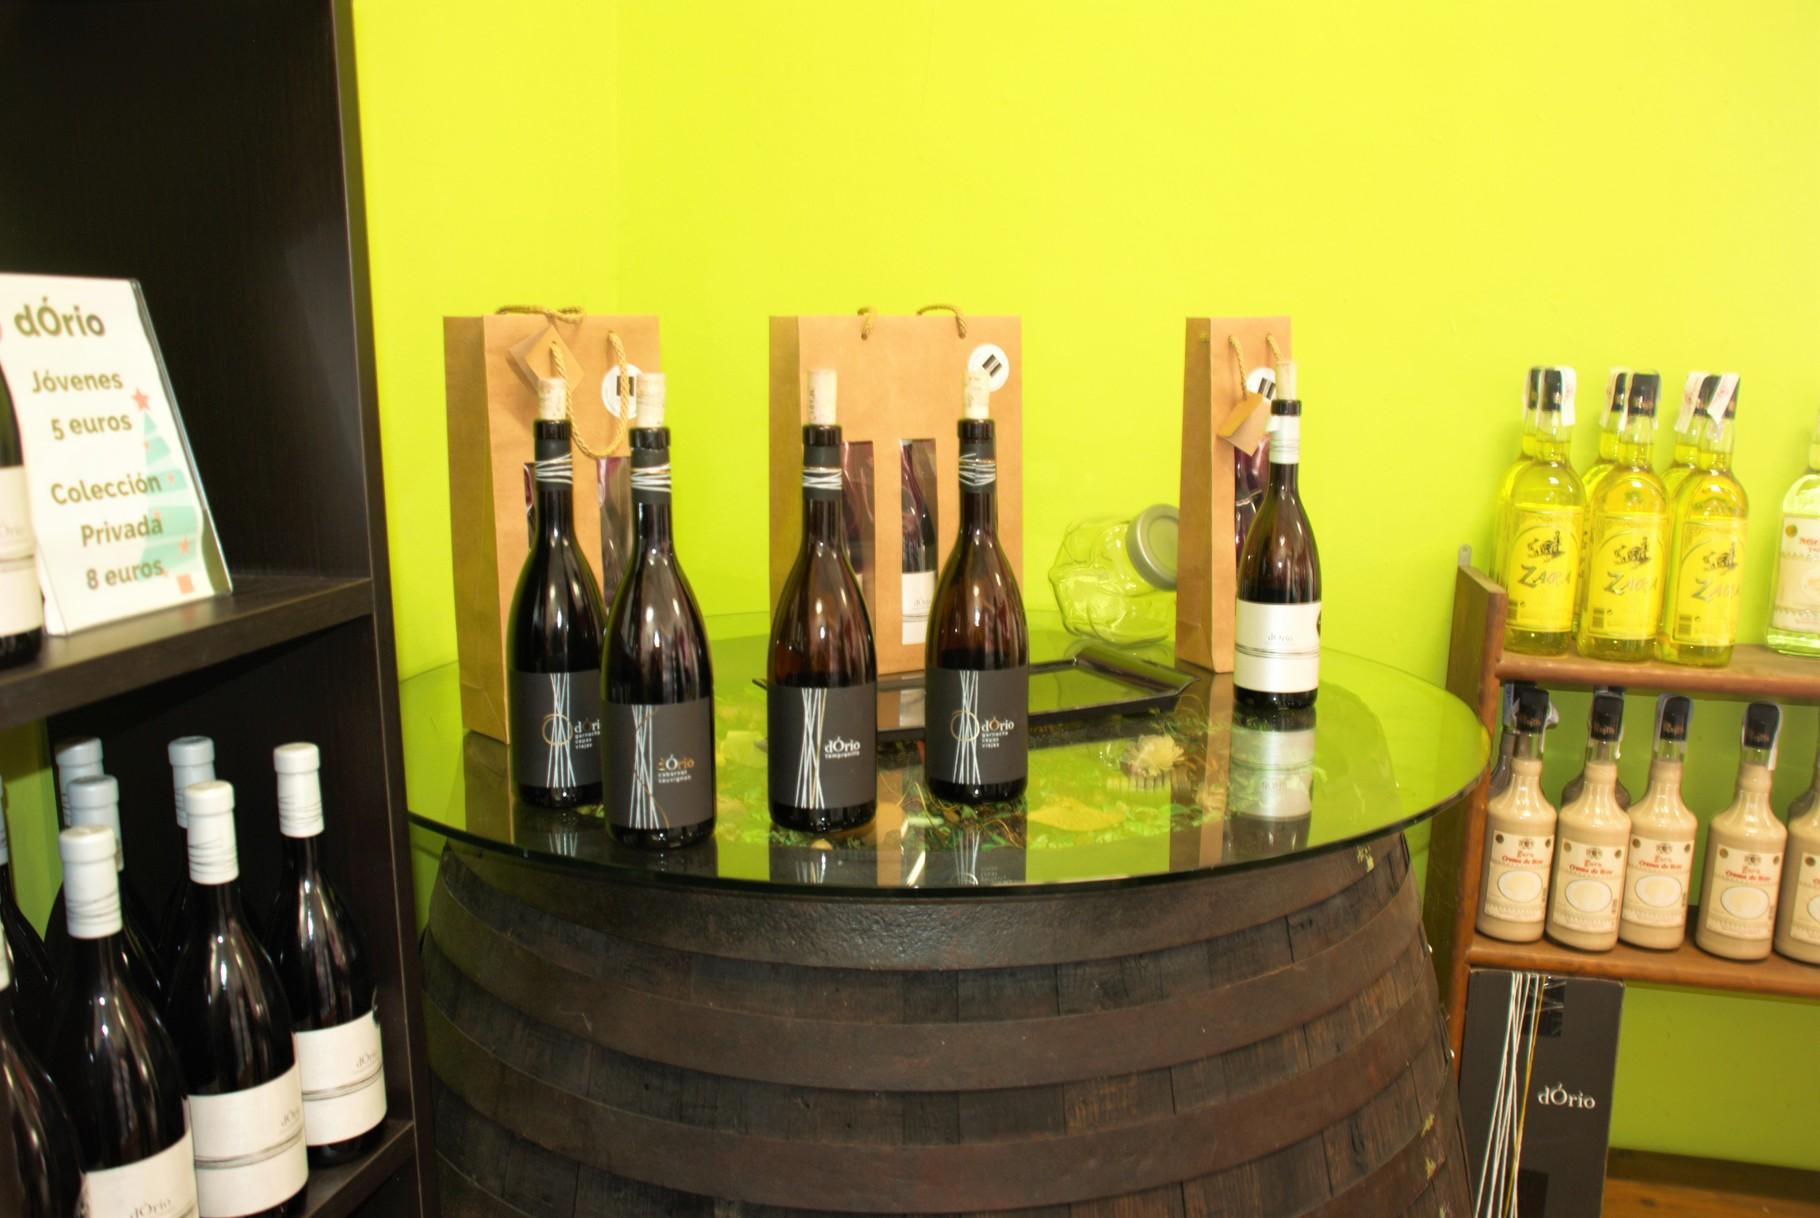 dOrio vino enoturismo